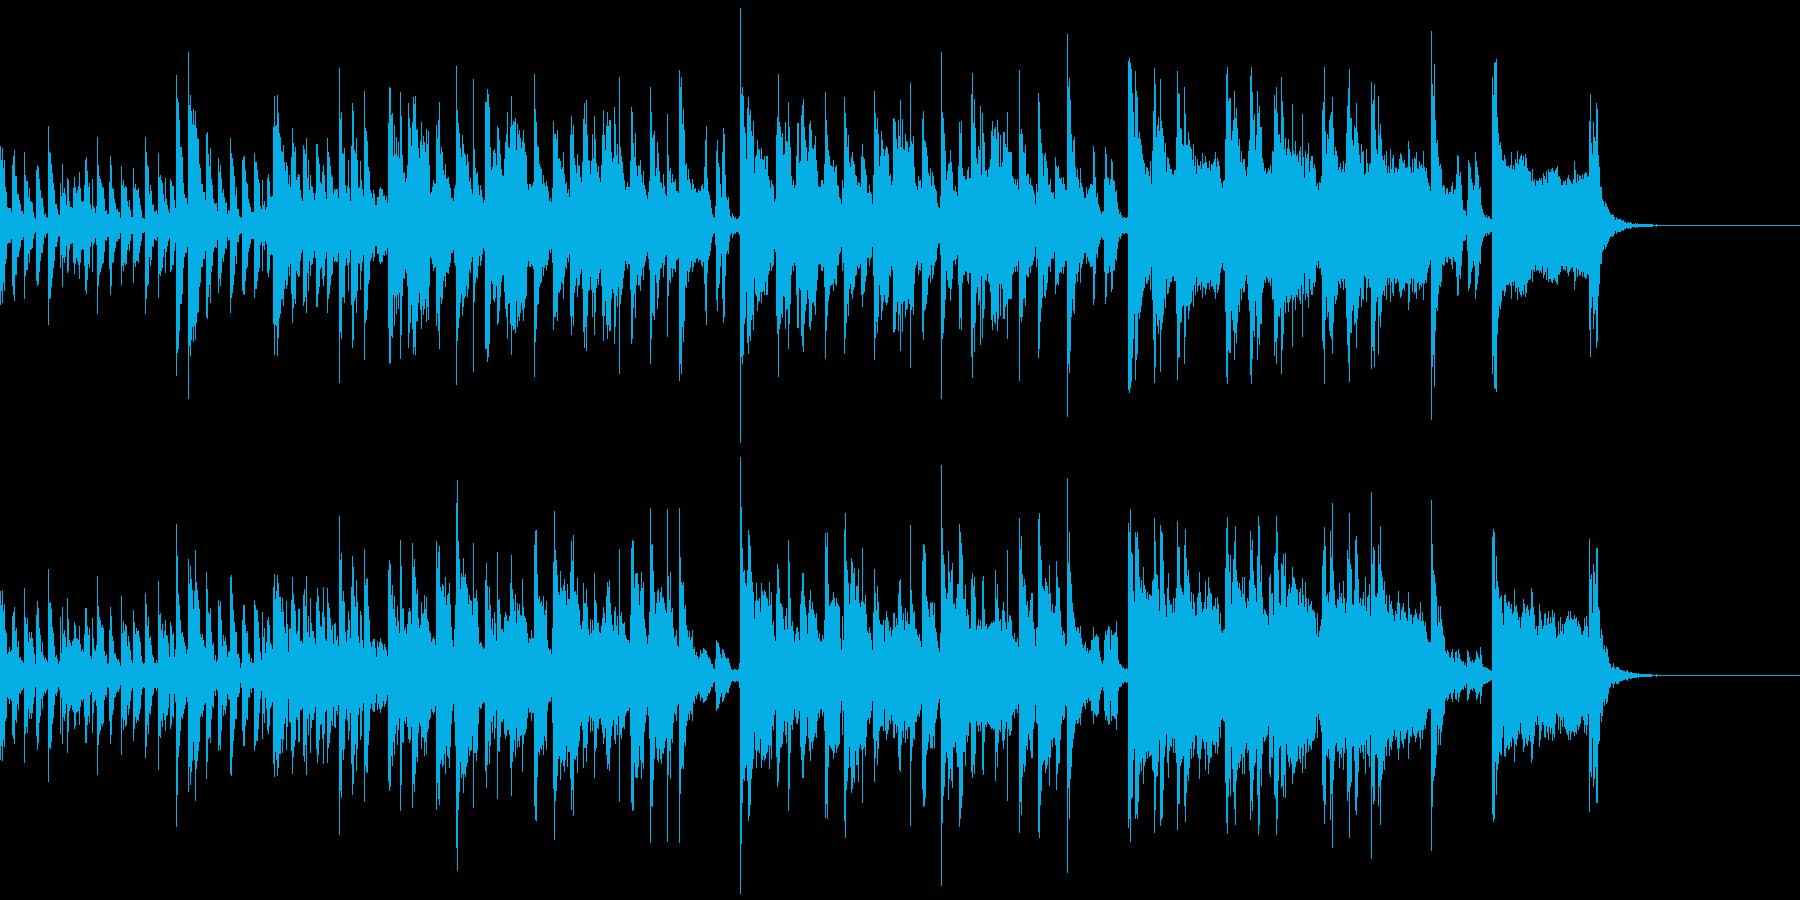 テーマソング系、スパイものチックなジャズの再生済みの波形